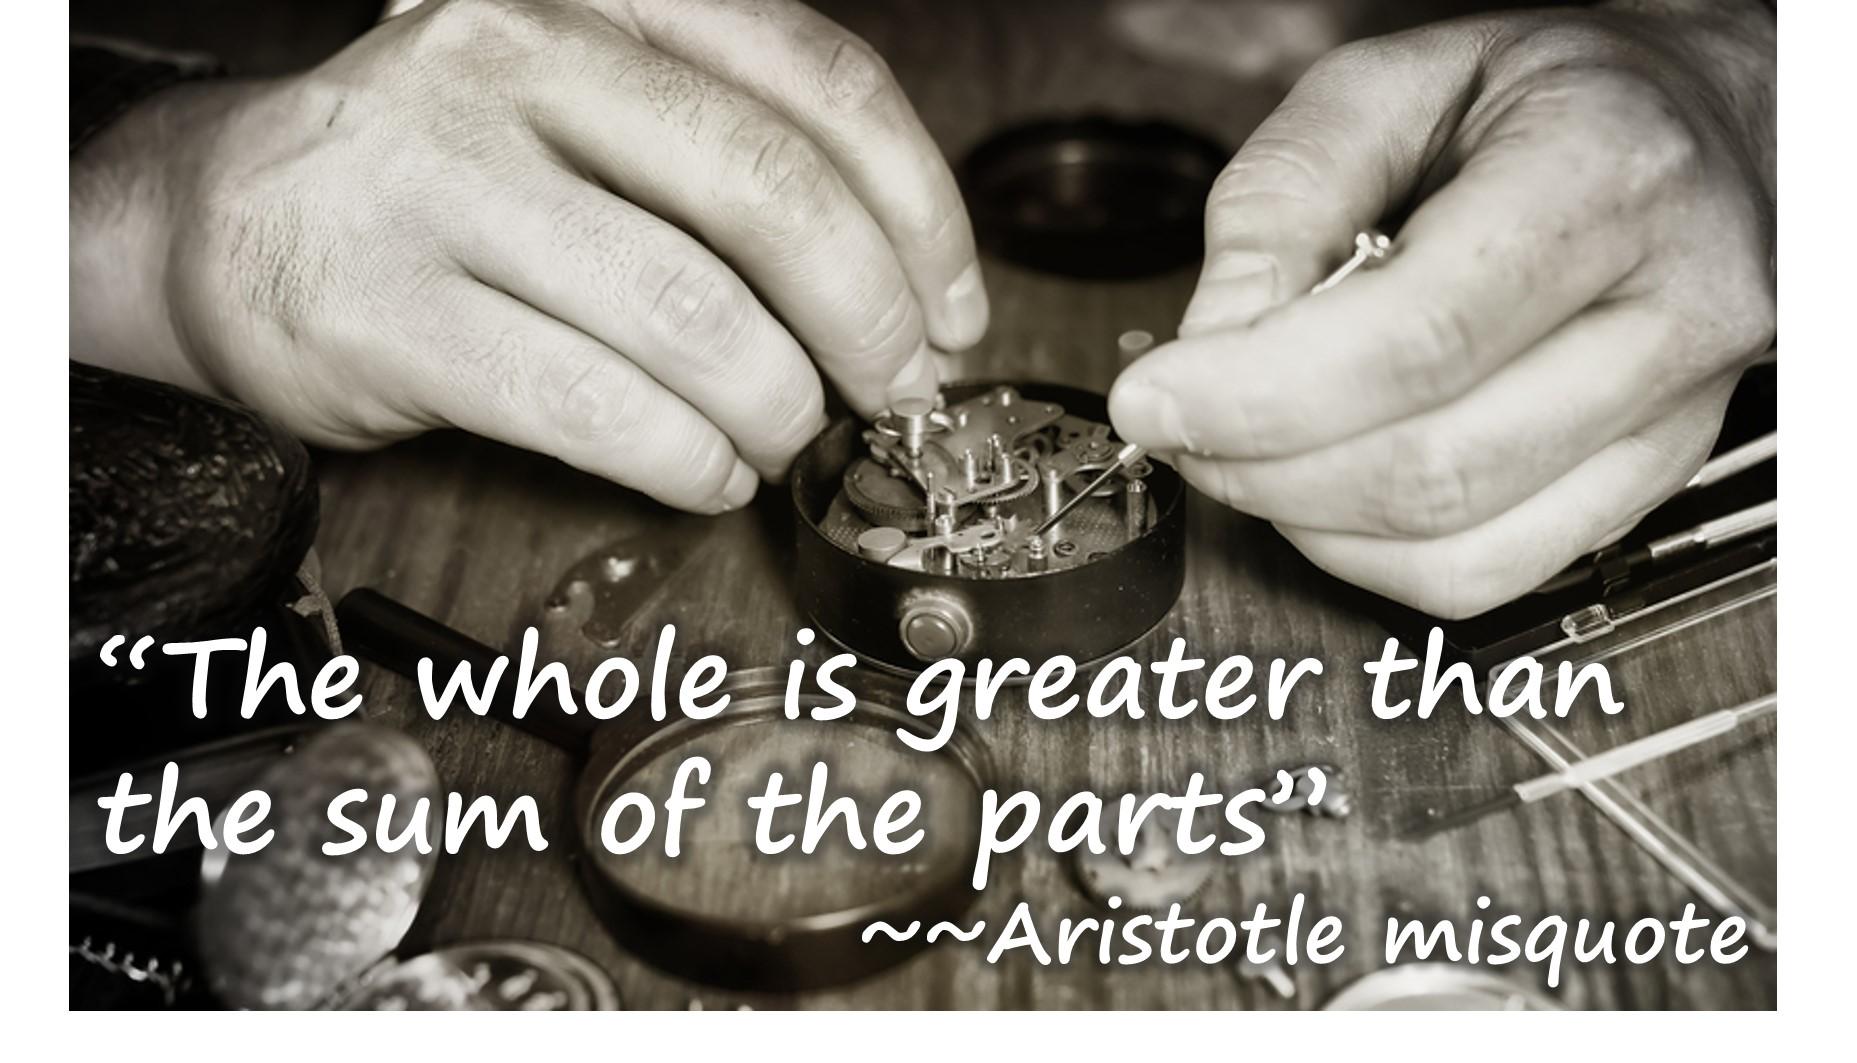 Aristotle misquote.jpg